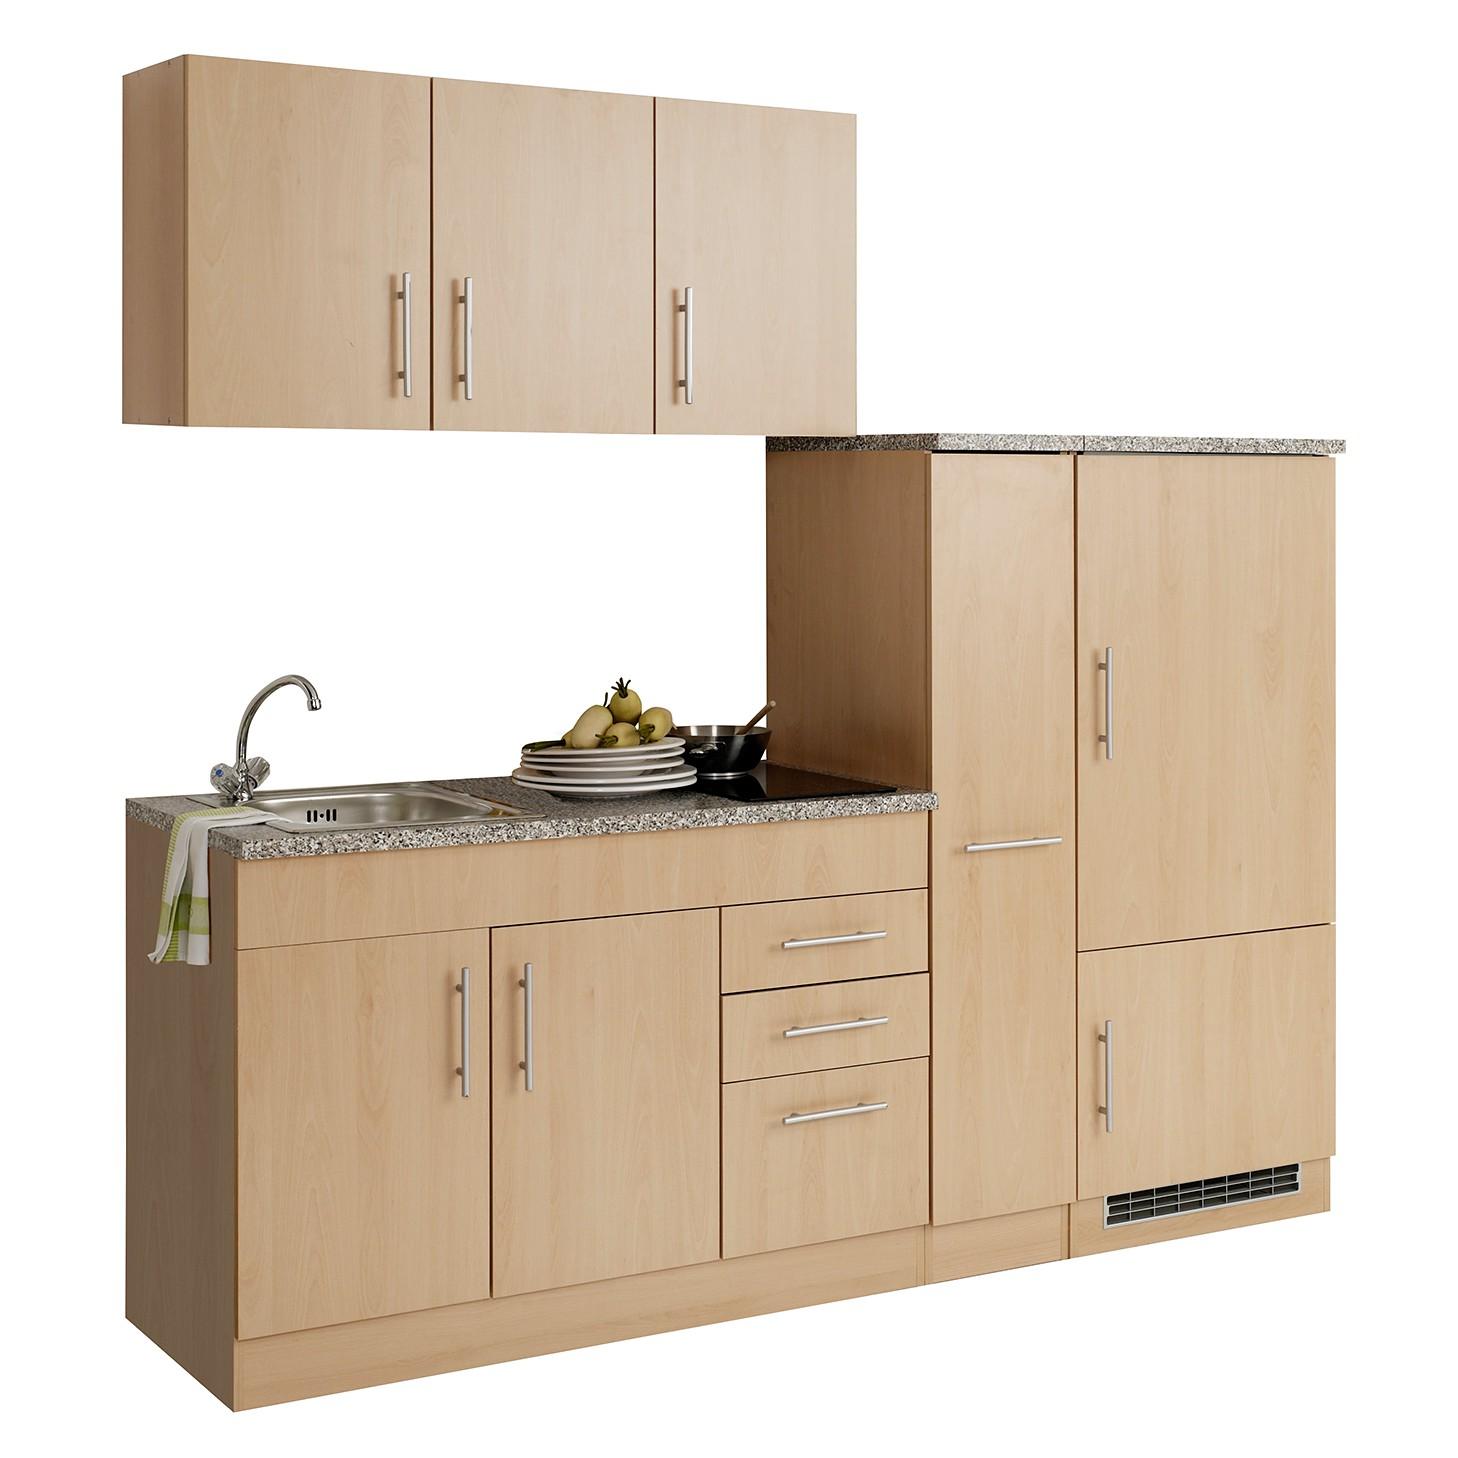 home24 Kuechenzeile Toronto II | Küche und Esszimmer > Küchen | Held Kuechen